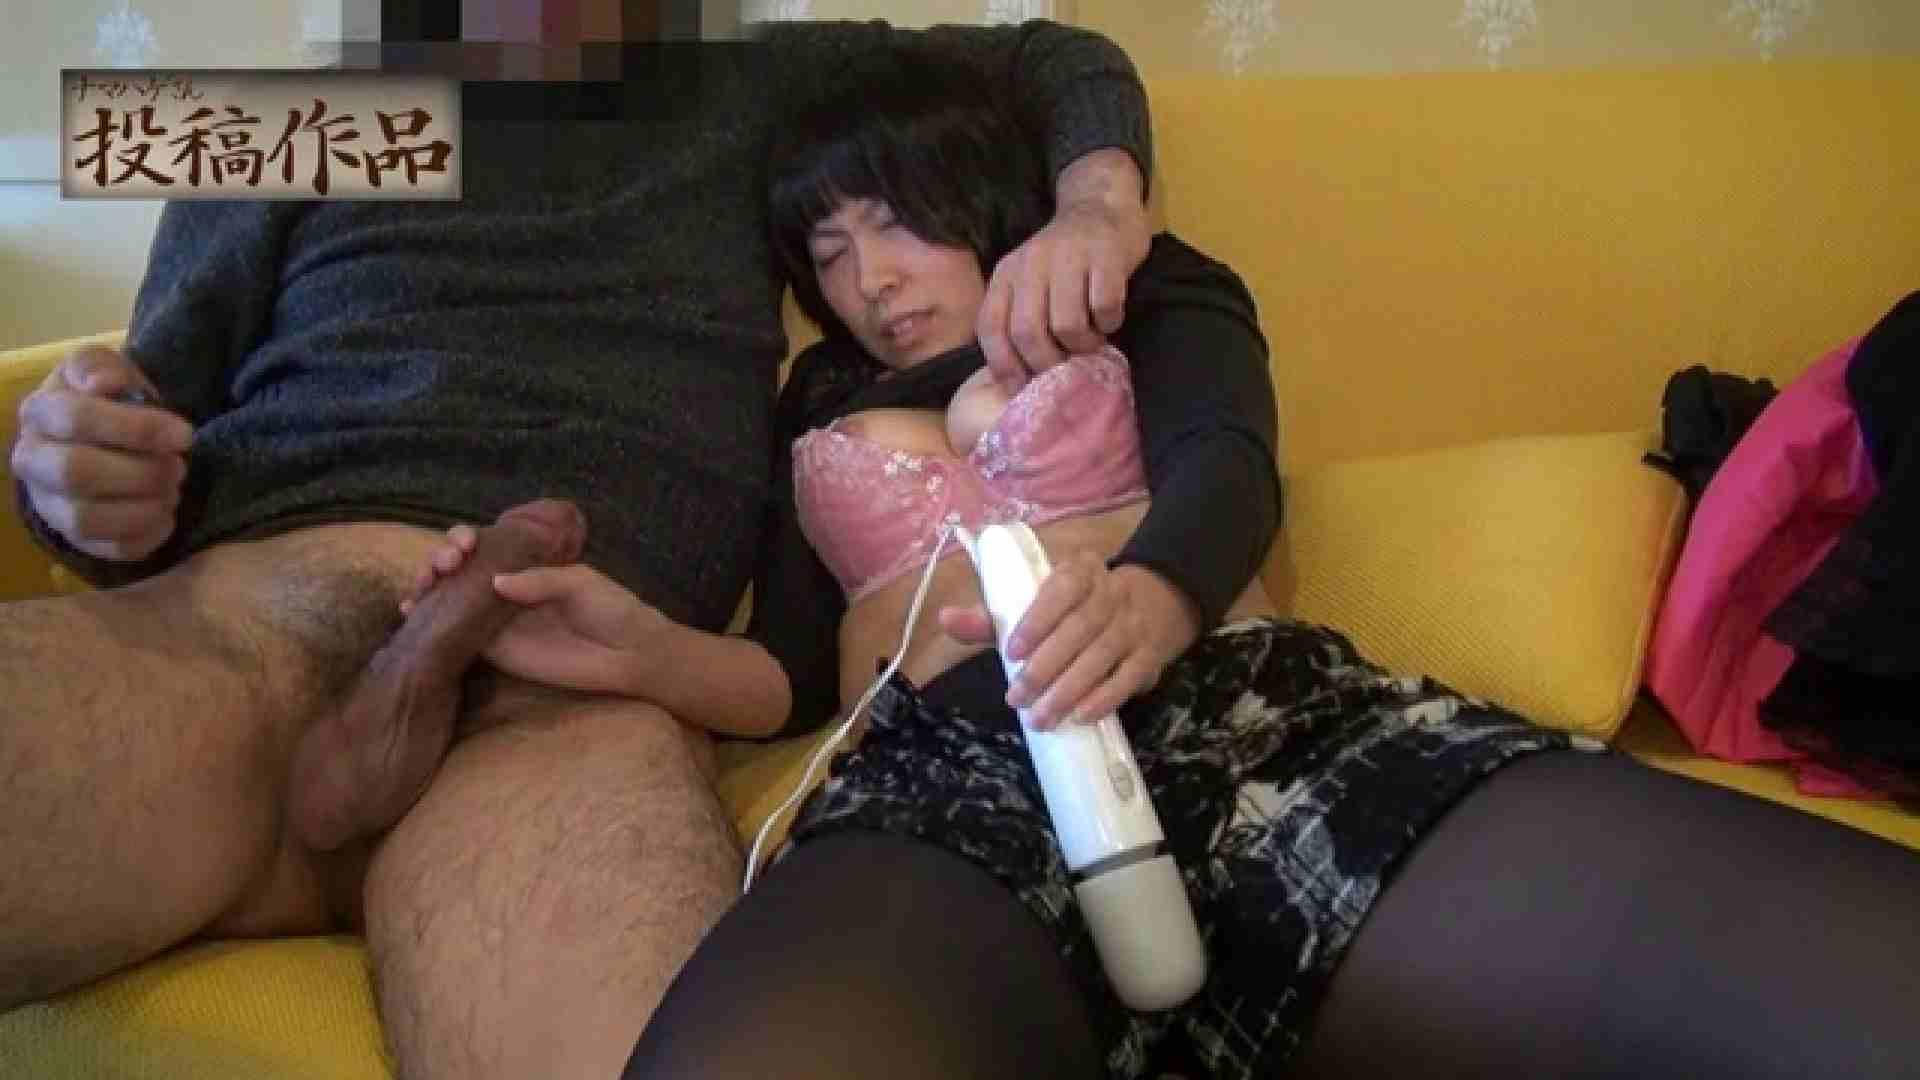 ナマハゲさんのまんこコレクション第二章 Ayaka 爆乳 アダルト動画キャプチャ 84pic 14